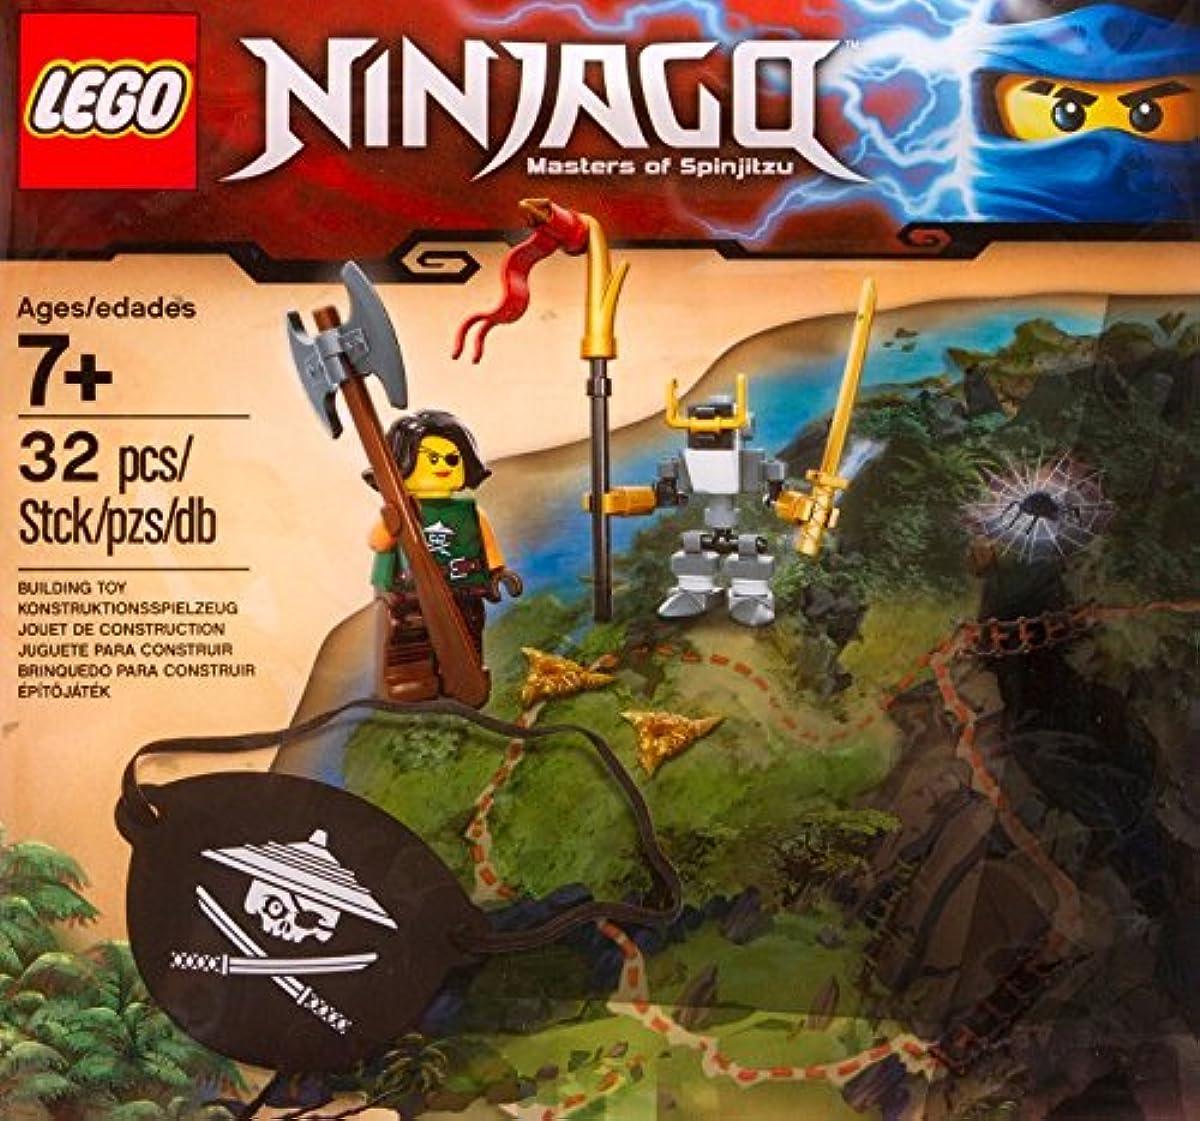 [해외] LEGO NINJAGO 5004391 SKY PIRATES BATTLE (EXKLUSIVE POLYBAG)